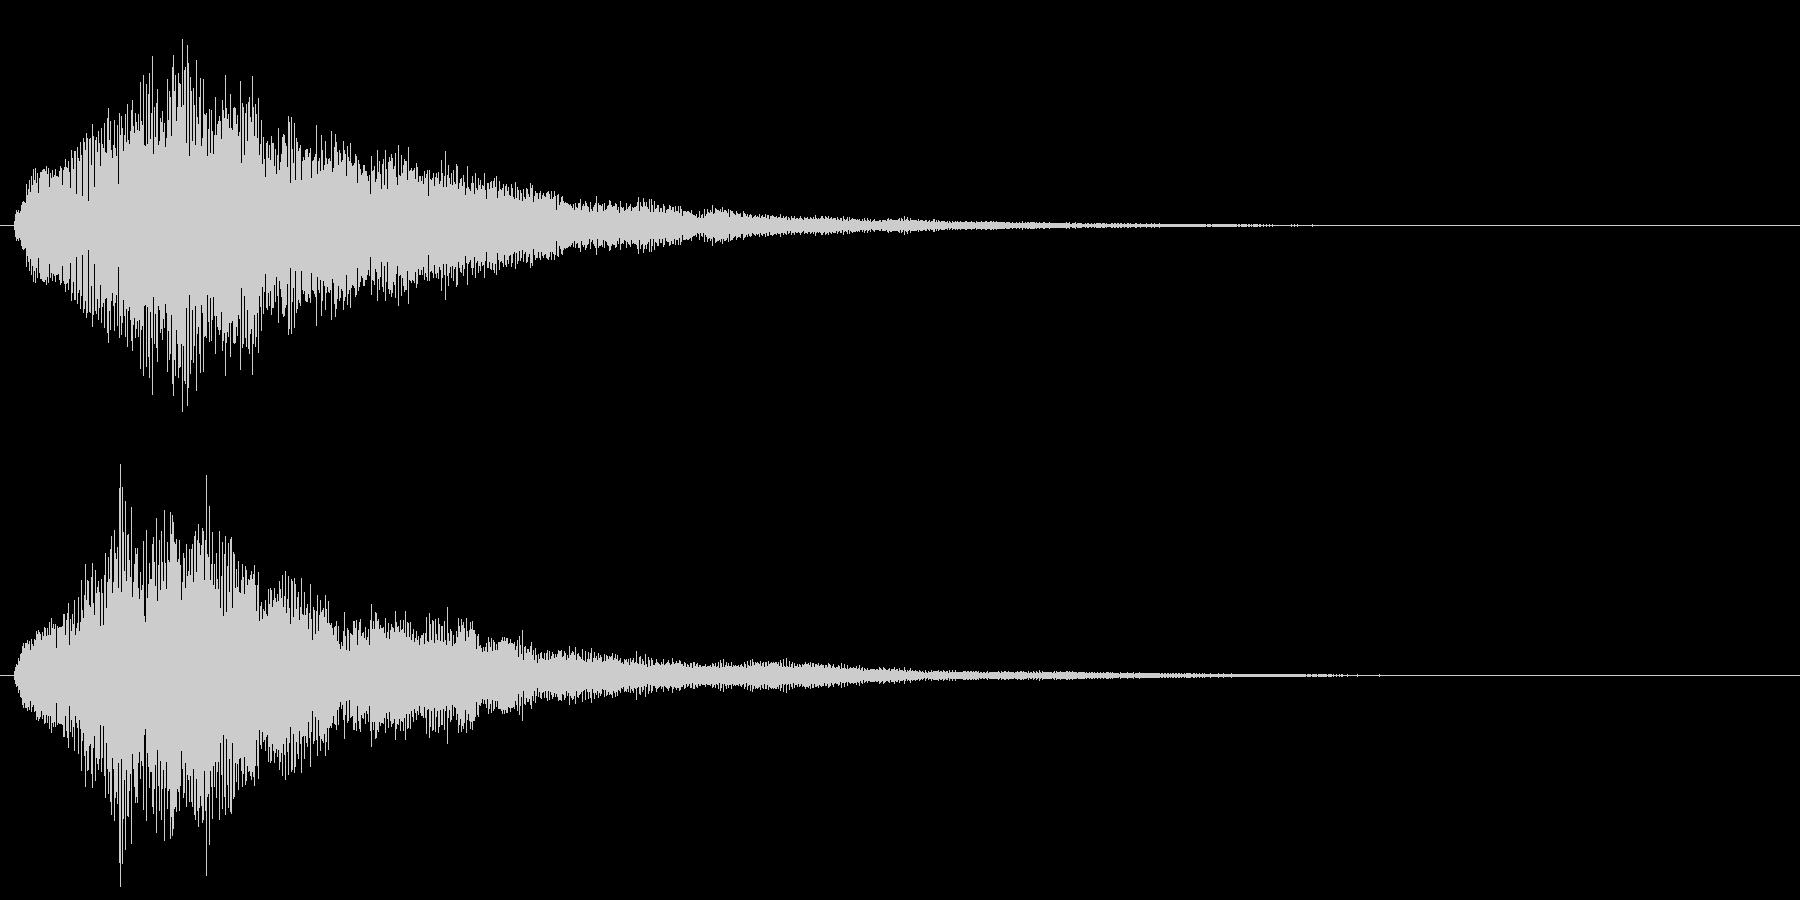 キラキラ シャラランなアタック音1の未再生の波形